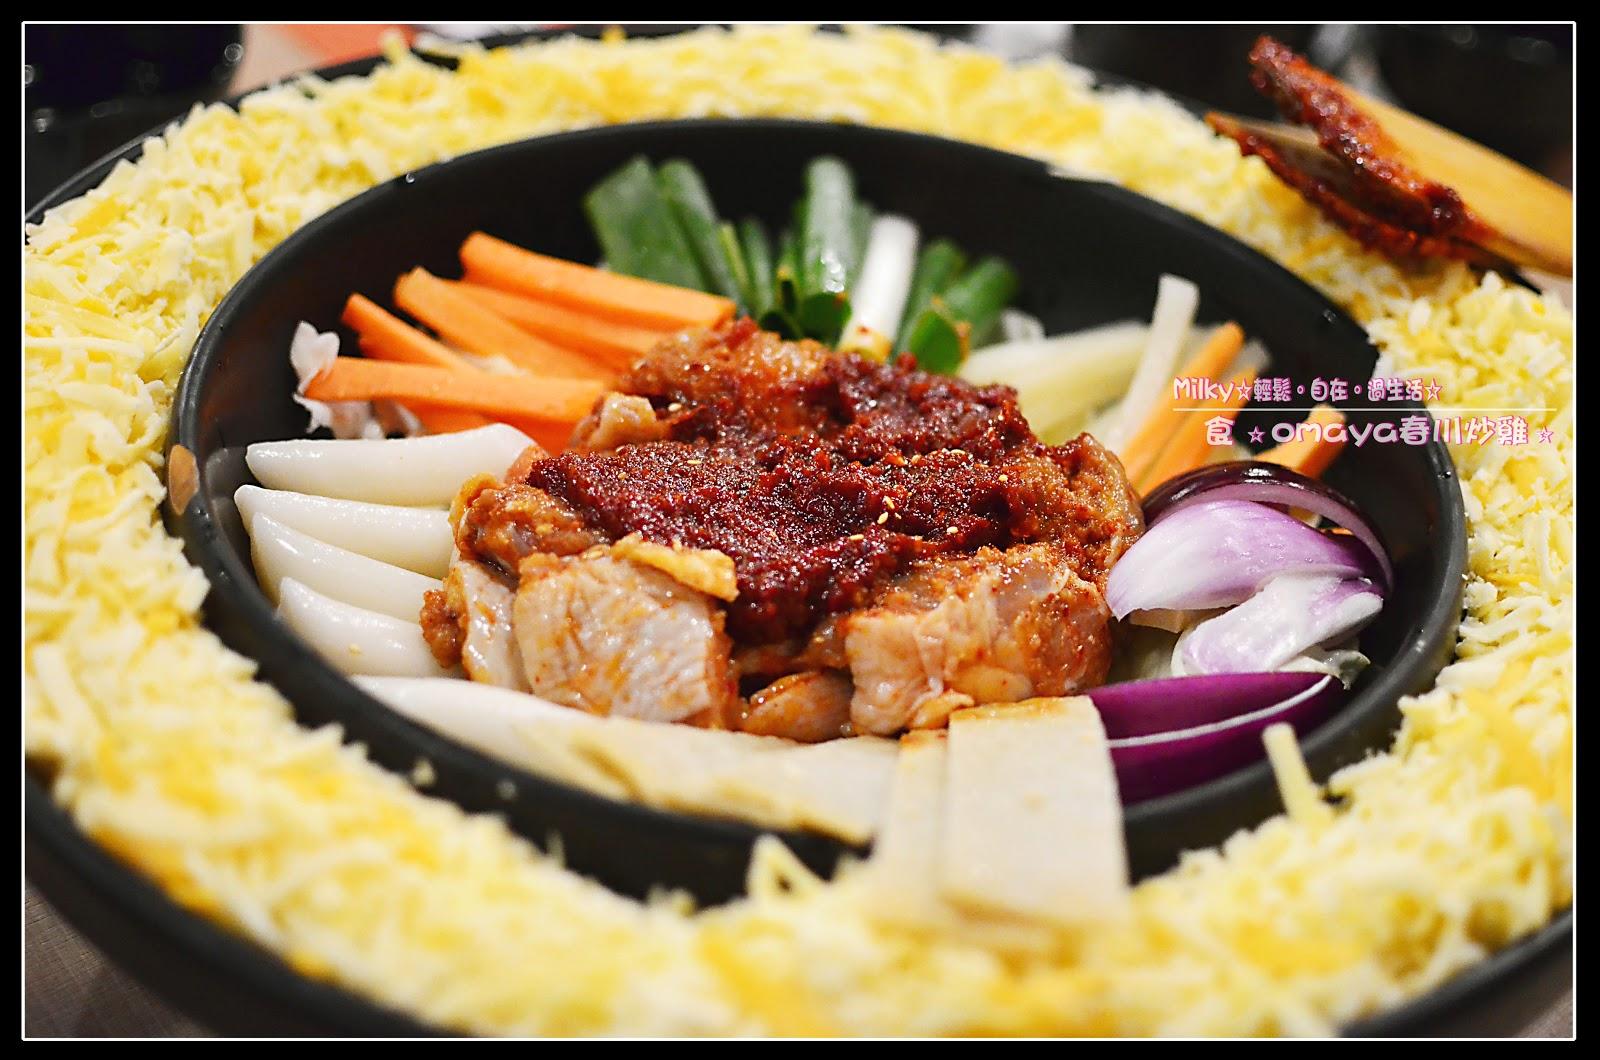 Milky的輕鬆自在過生活: 林口 - 春川炒雞